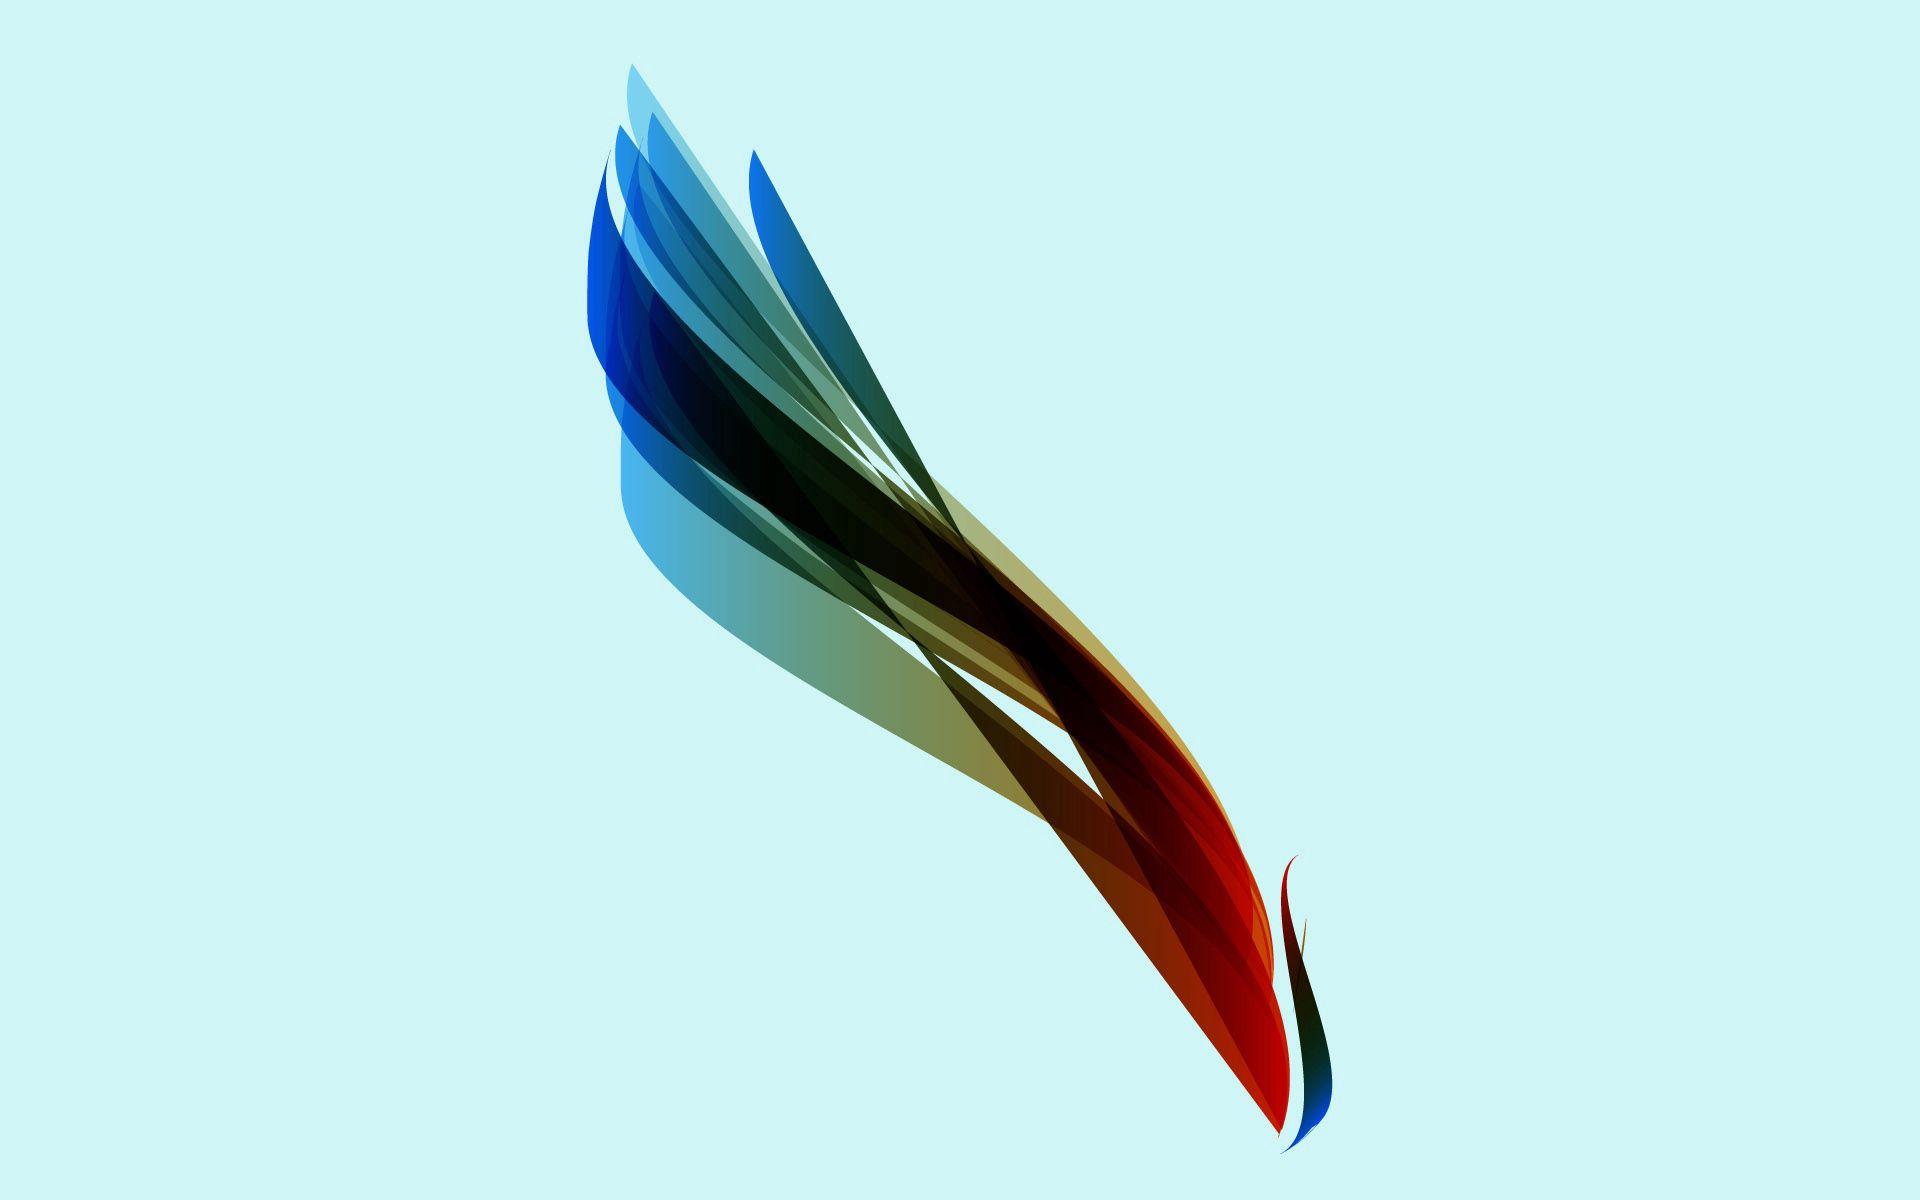 106677 descargar fondo de pantalla Abstracción, La Forma, Forma, Fondo, De Color Claro, Luz, Figurilla, Estatuilla: protectores de pantalla e imágenes gratis